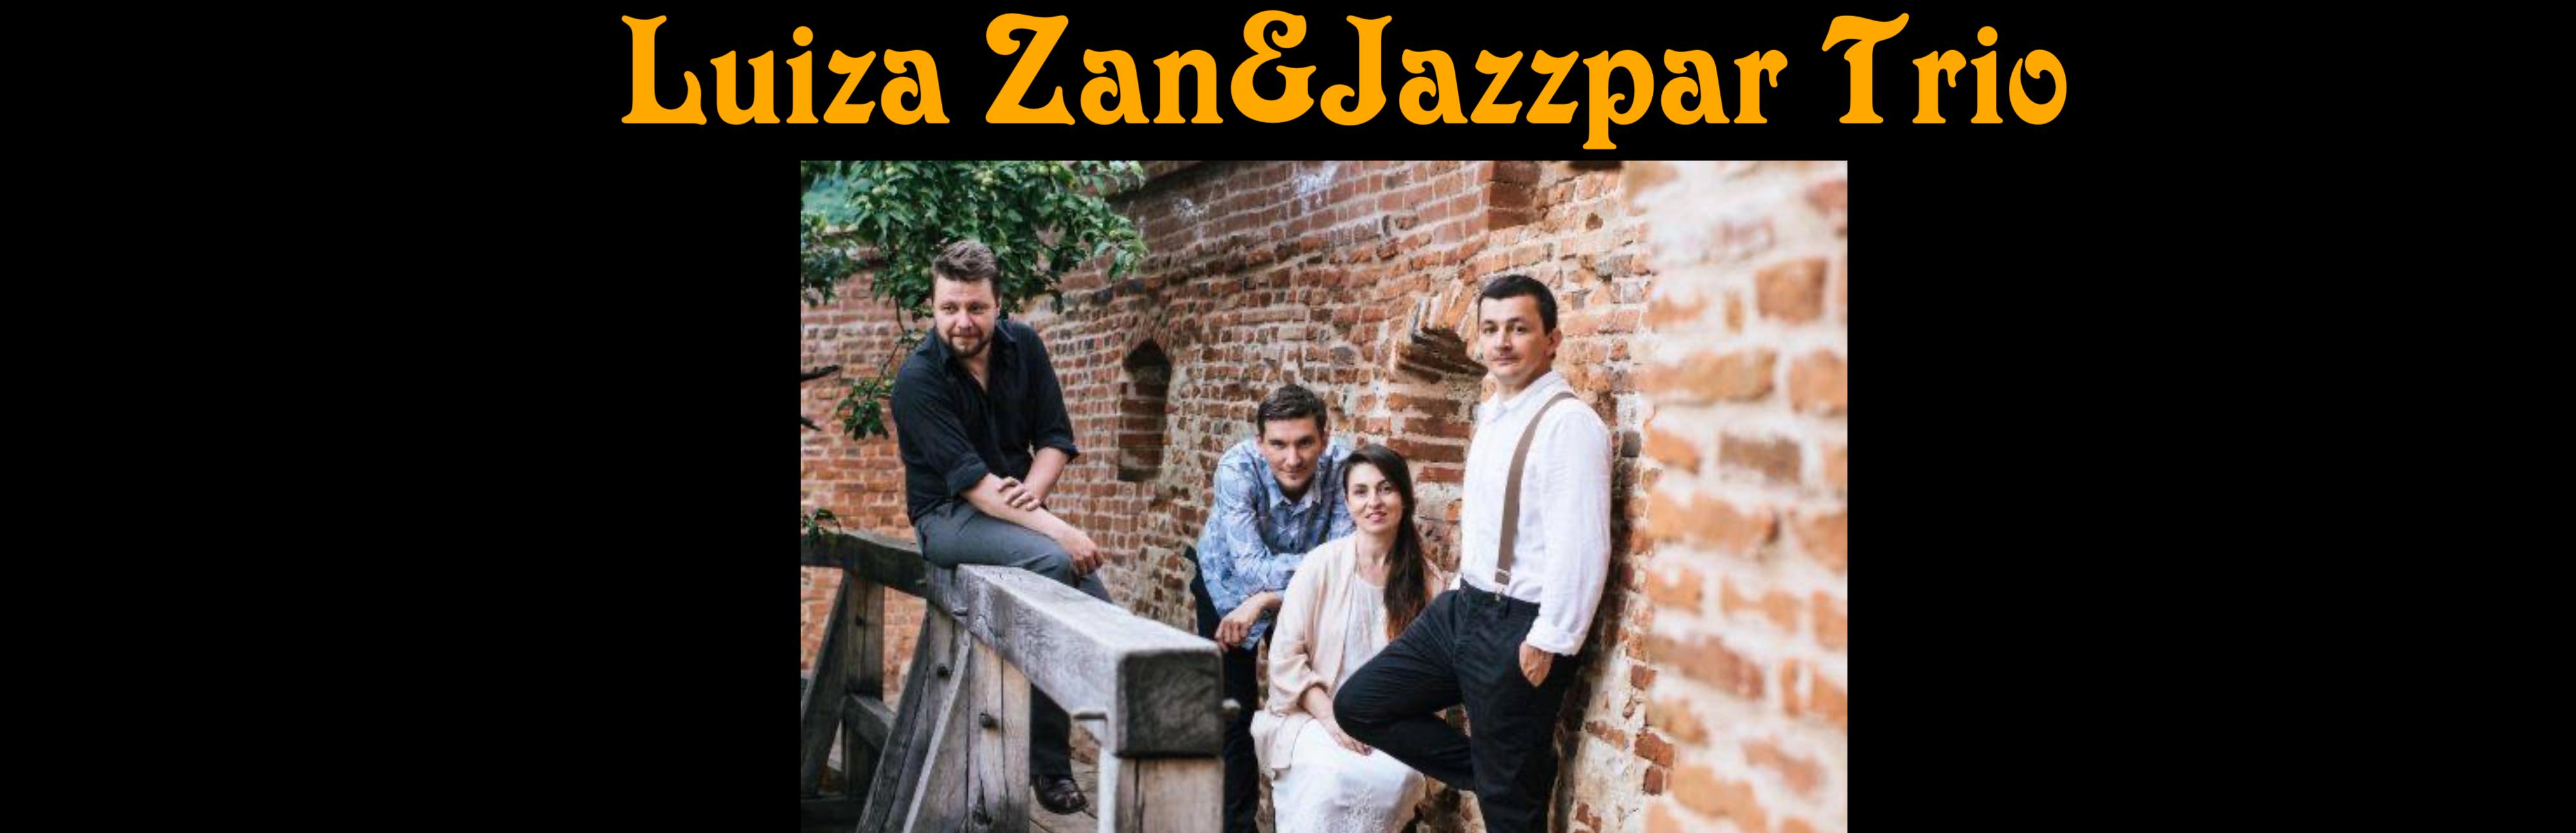 Luiza Zan și Jazzpar Trio